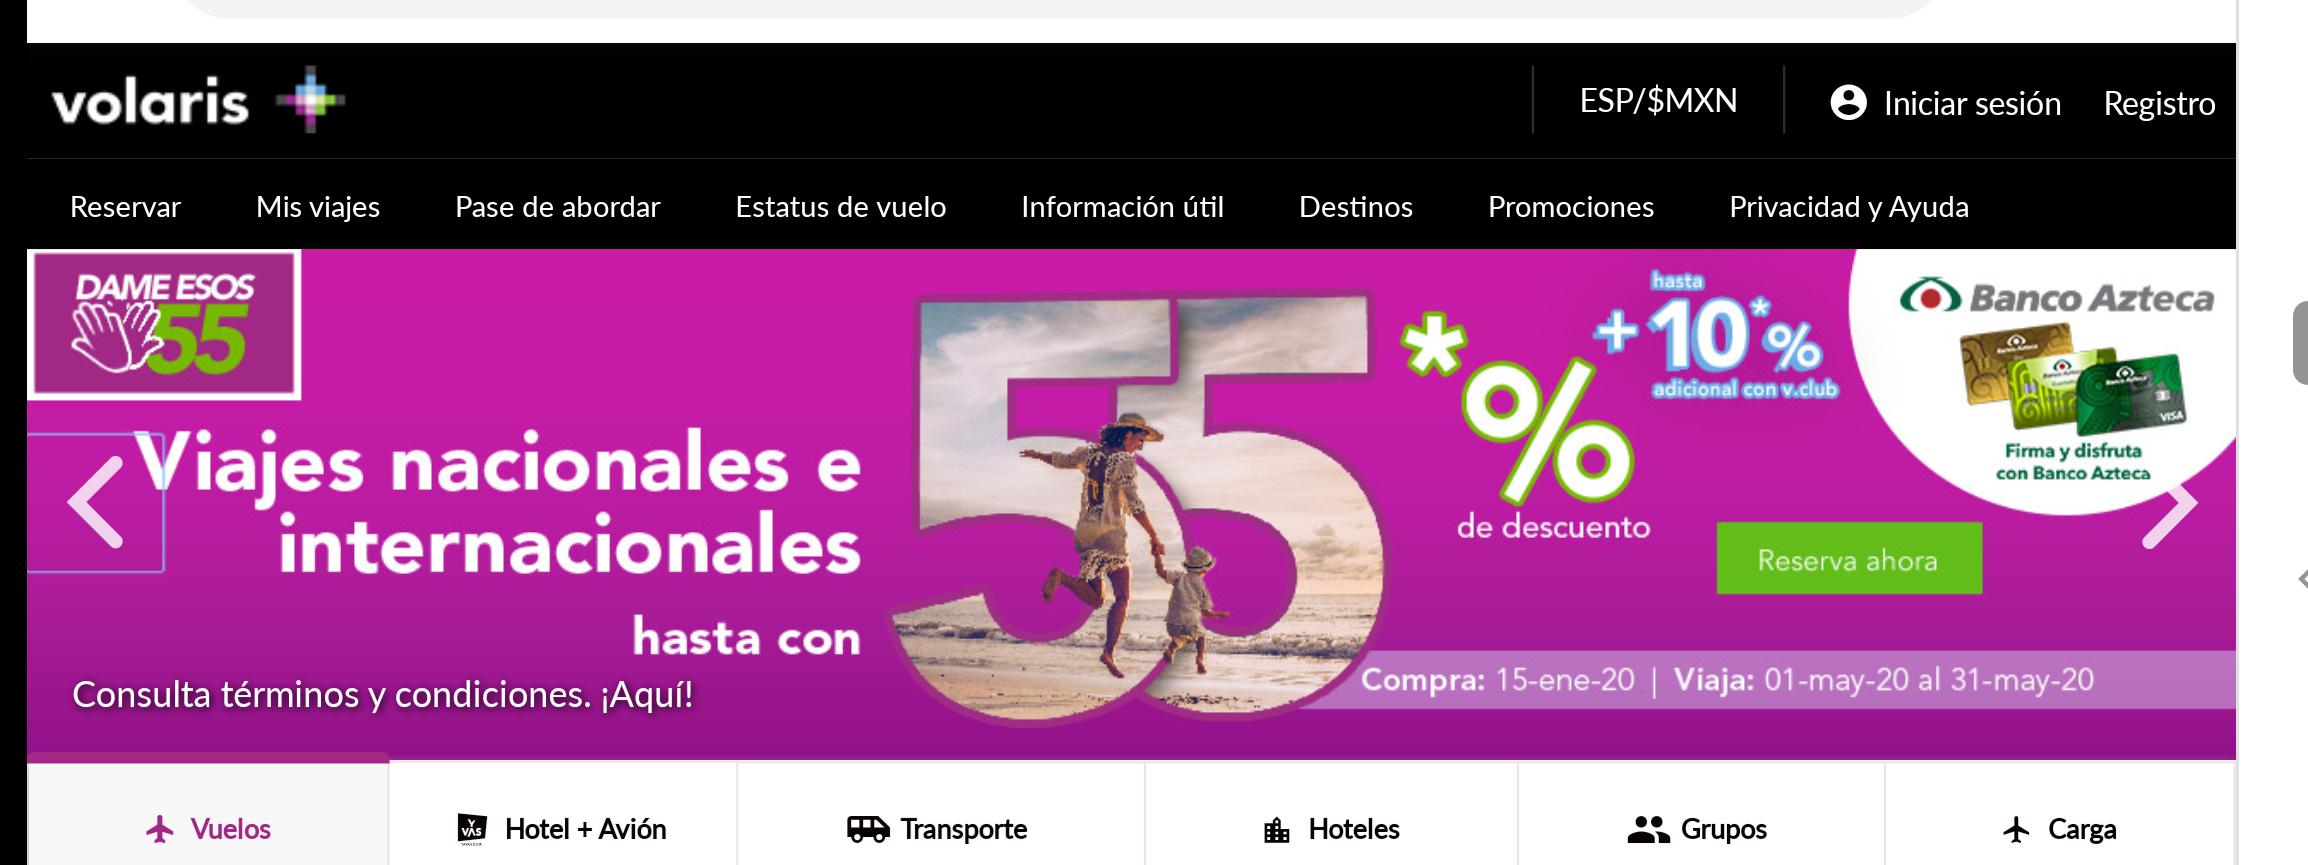 Volaris y banco azteca hasta 55%